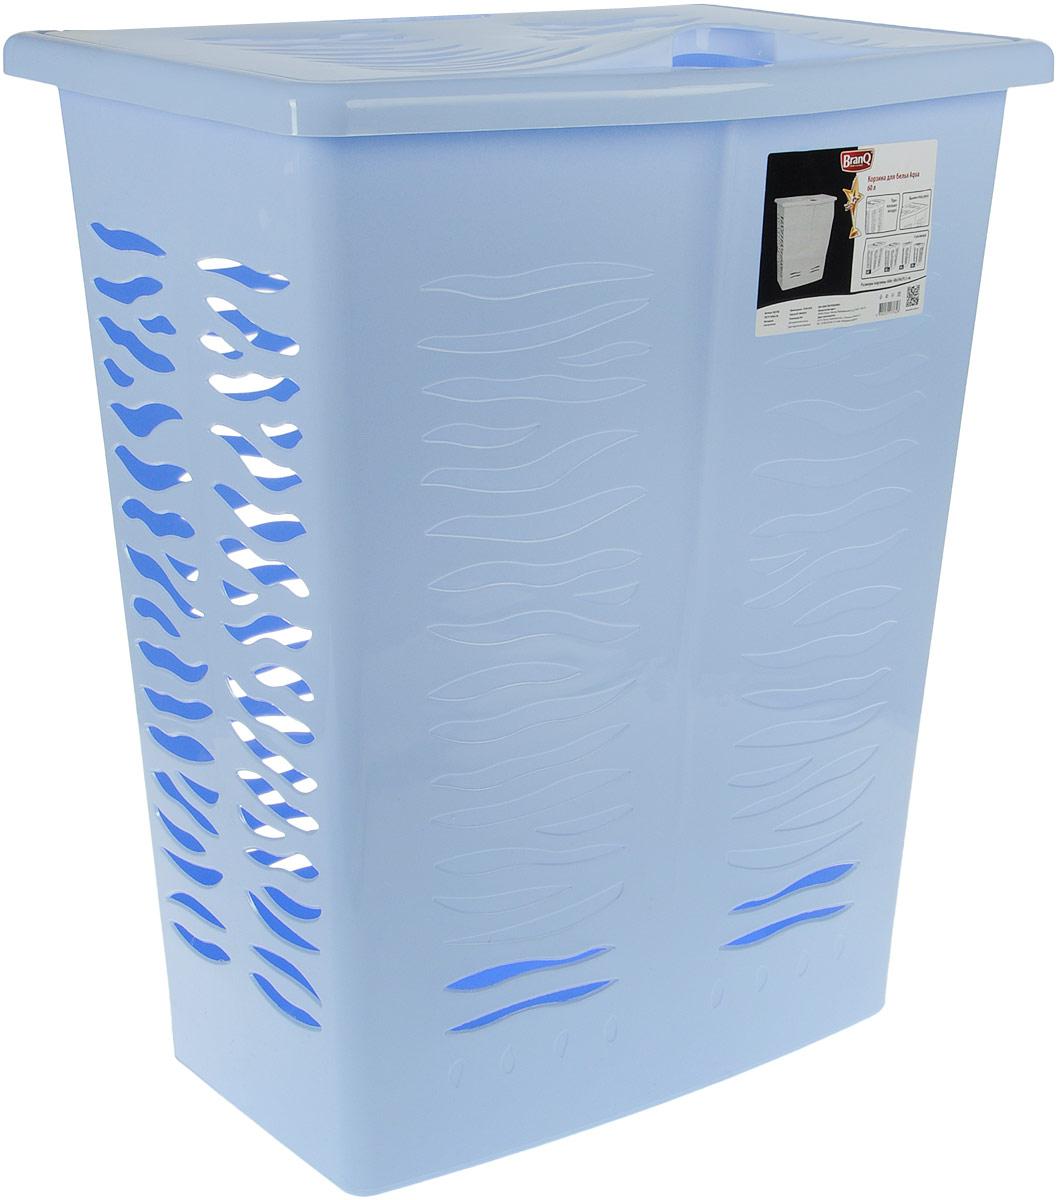 Корзина для белья BranQ Aqua, цвет: голубой, 60 л391602Корзина для белья BranQ Aqua изготовлена из прочного полипропилена и оформлена перфорированными отверстиями, благодаря которым обеспечивается естественная вентиляция. Корзина оснащена крышкой и ручкой для переноски. На крышке имеется выемка для удобного открывания крышки. Такая корзина для белья прекрасно впишется в интерьер ванной комнаты.